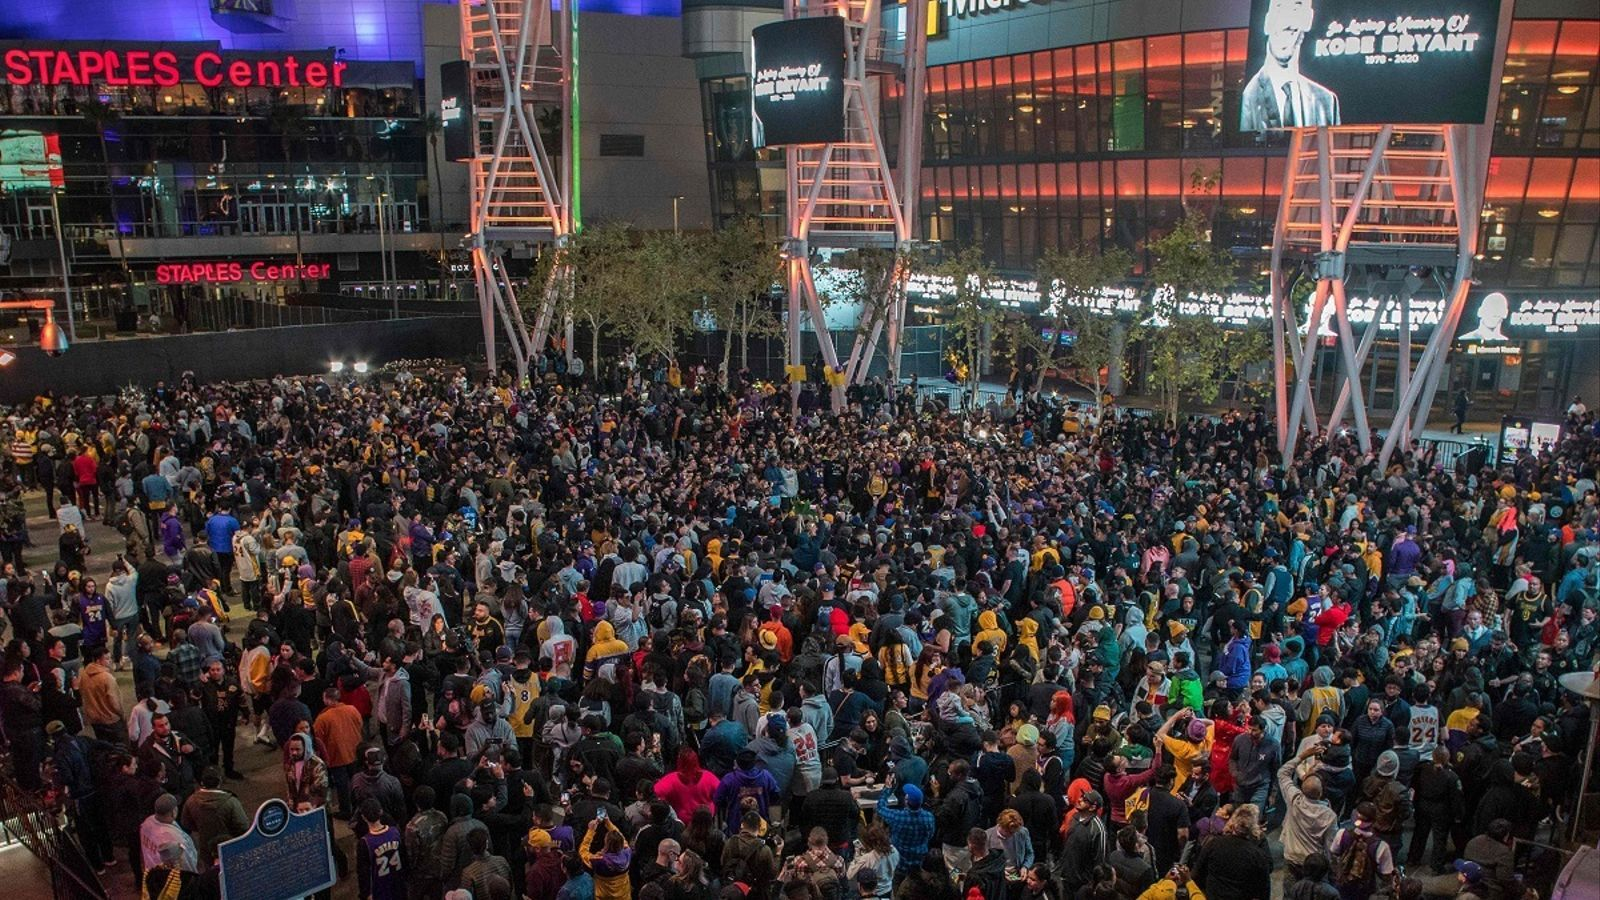 Milers d'aficionats s'han apropat a l'Staples Center per recordar Kobe Bryant